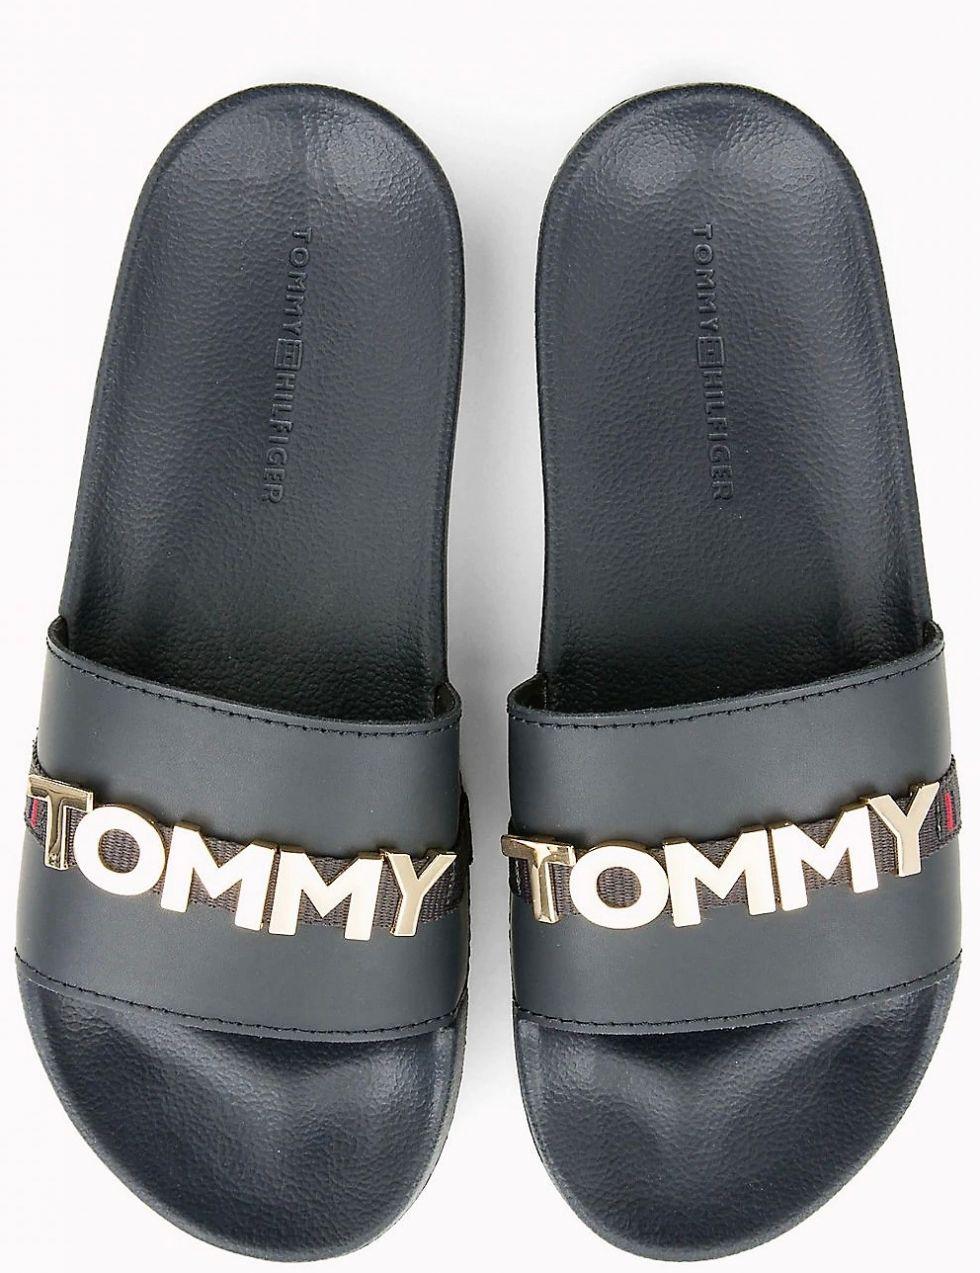 040473f343 Tommy Hilfiger tmavě modré pantofle Tommy Beach Slide Midnight značky Tommy  Hilfiger - Lovely.sk